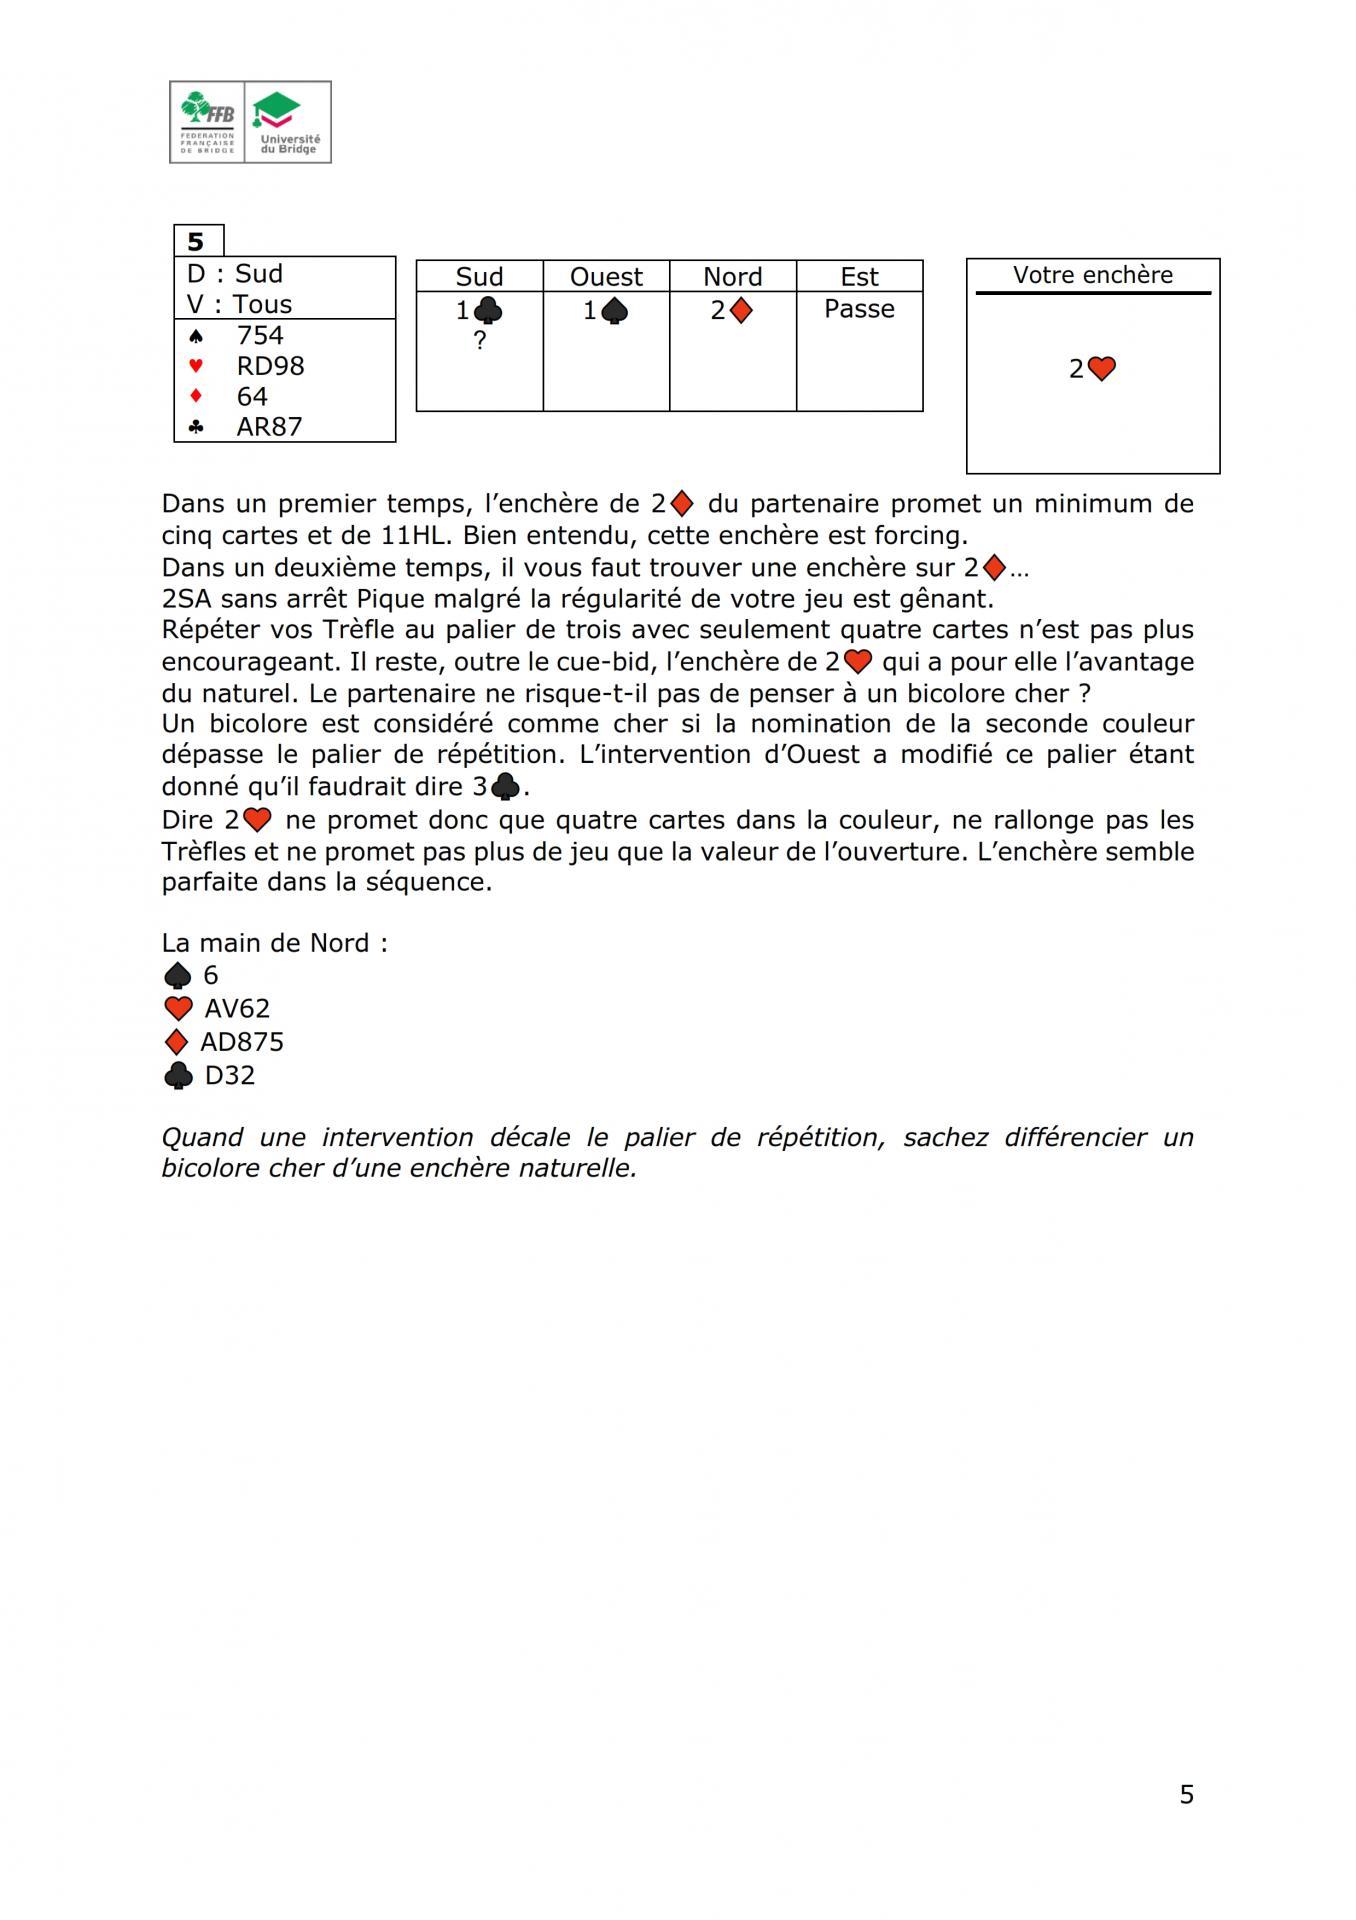 Formation continue des moniteurs solutions janvier2020 005